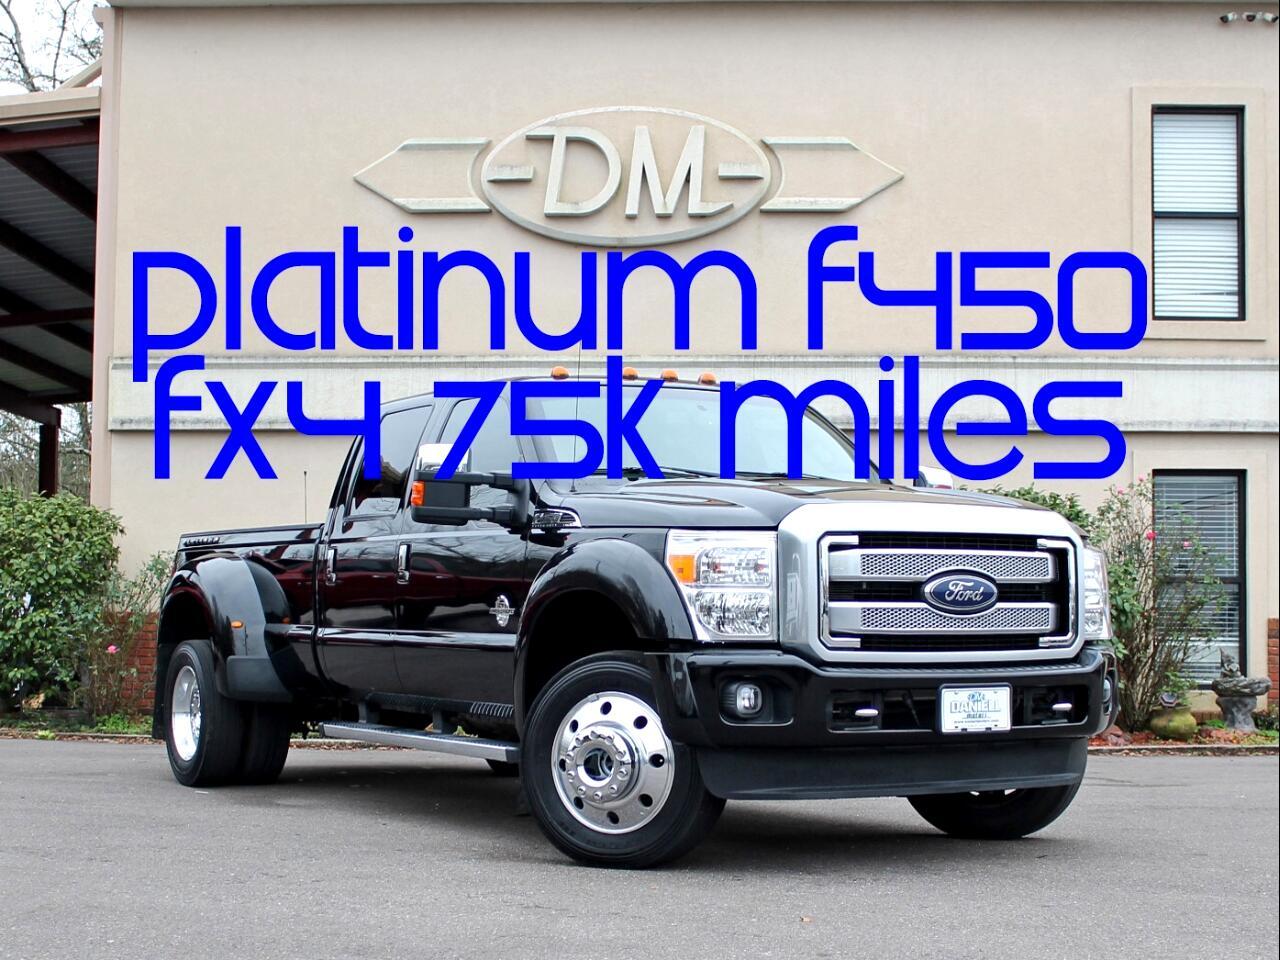 2016 Ford F-450 SD Platinum Crew Cab DRW 4WD